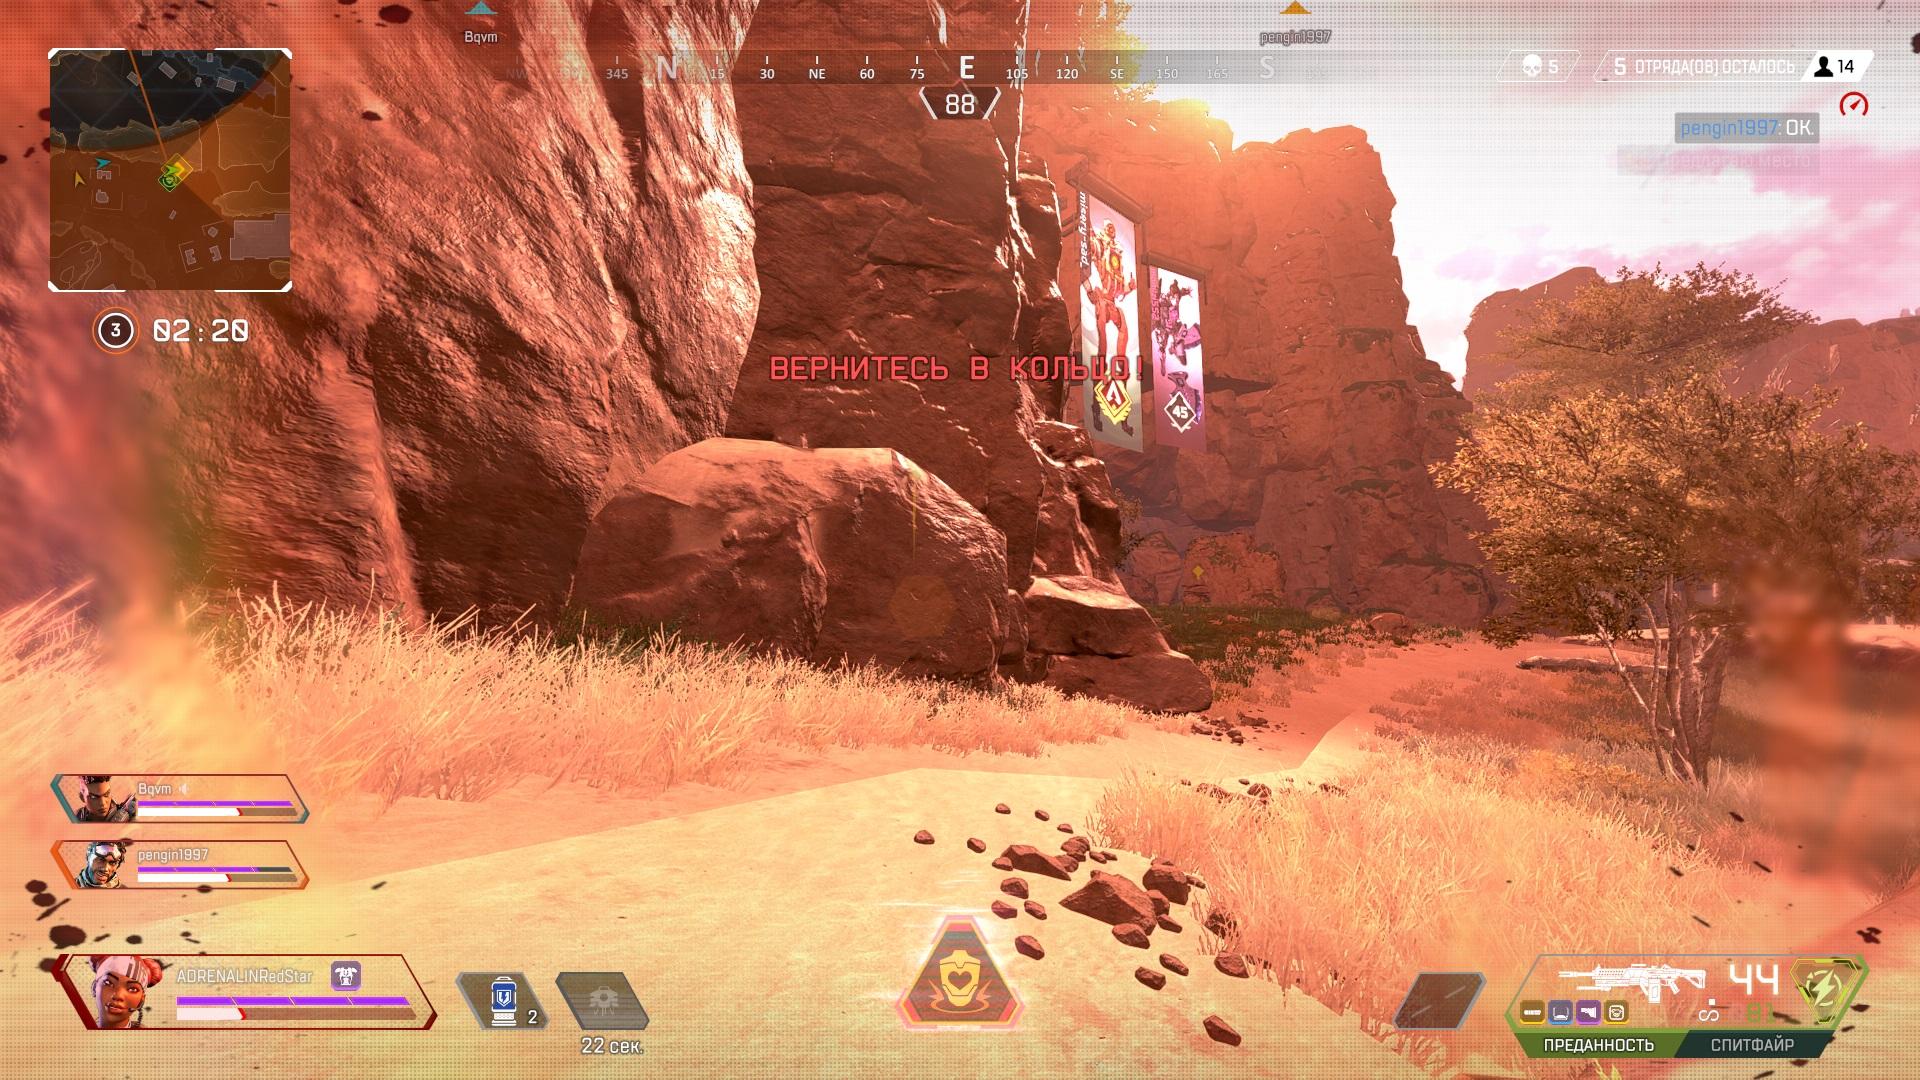 Apex Legends Screenshot 2019.05.03 - 13.45.08.87.jpg